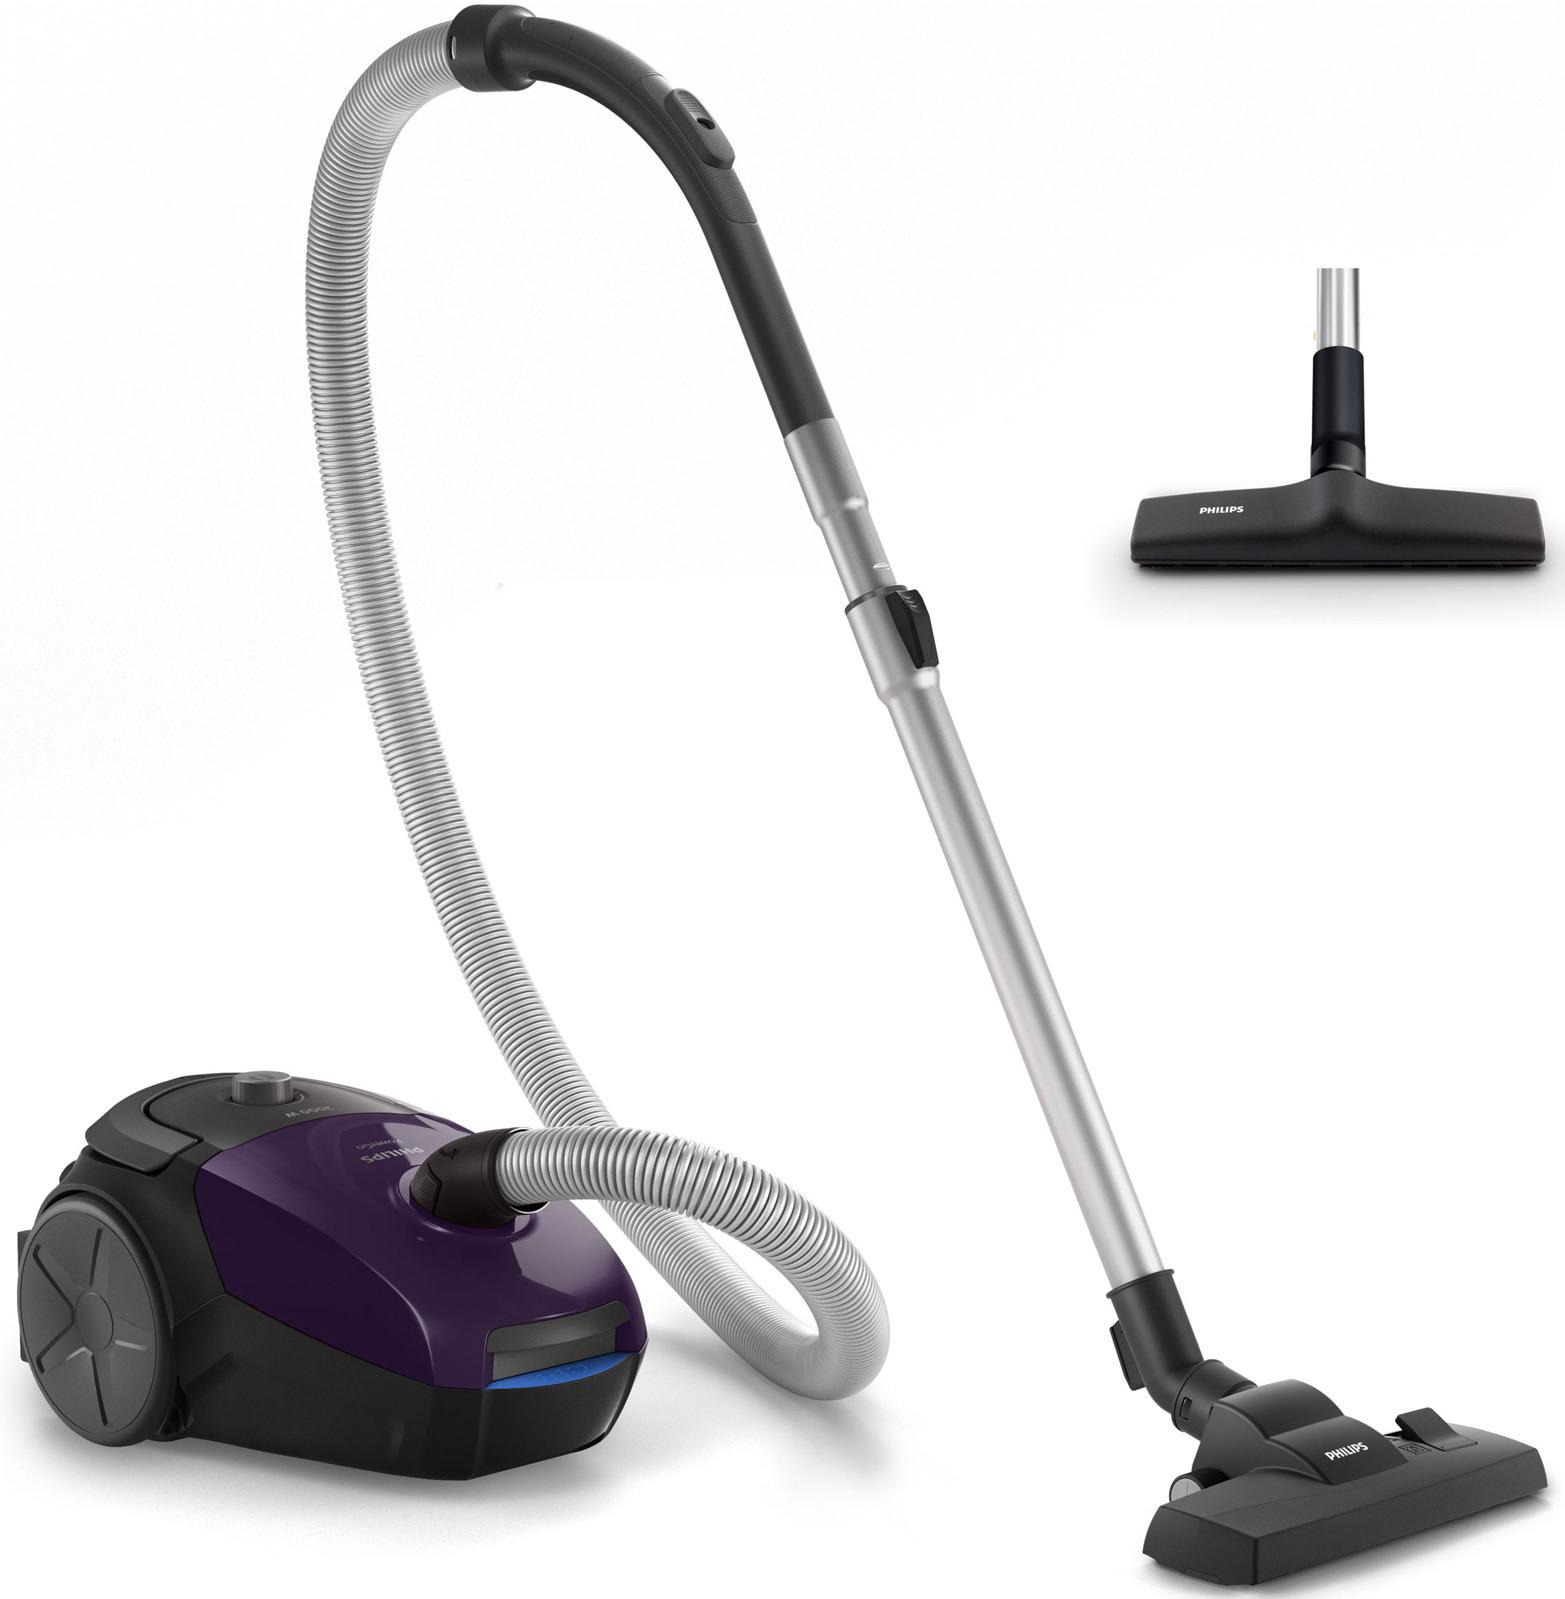 все цены на Philips FC8295/01 PowerGo, Purple пылесос онлайн